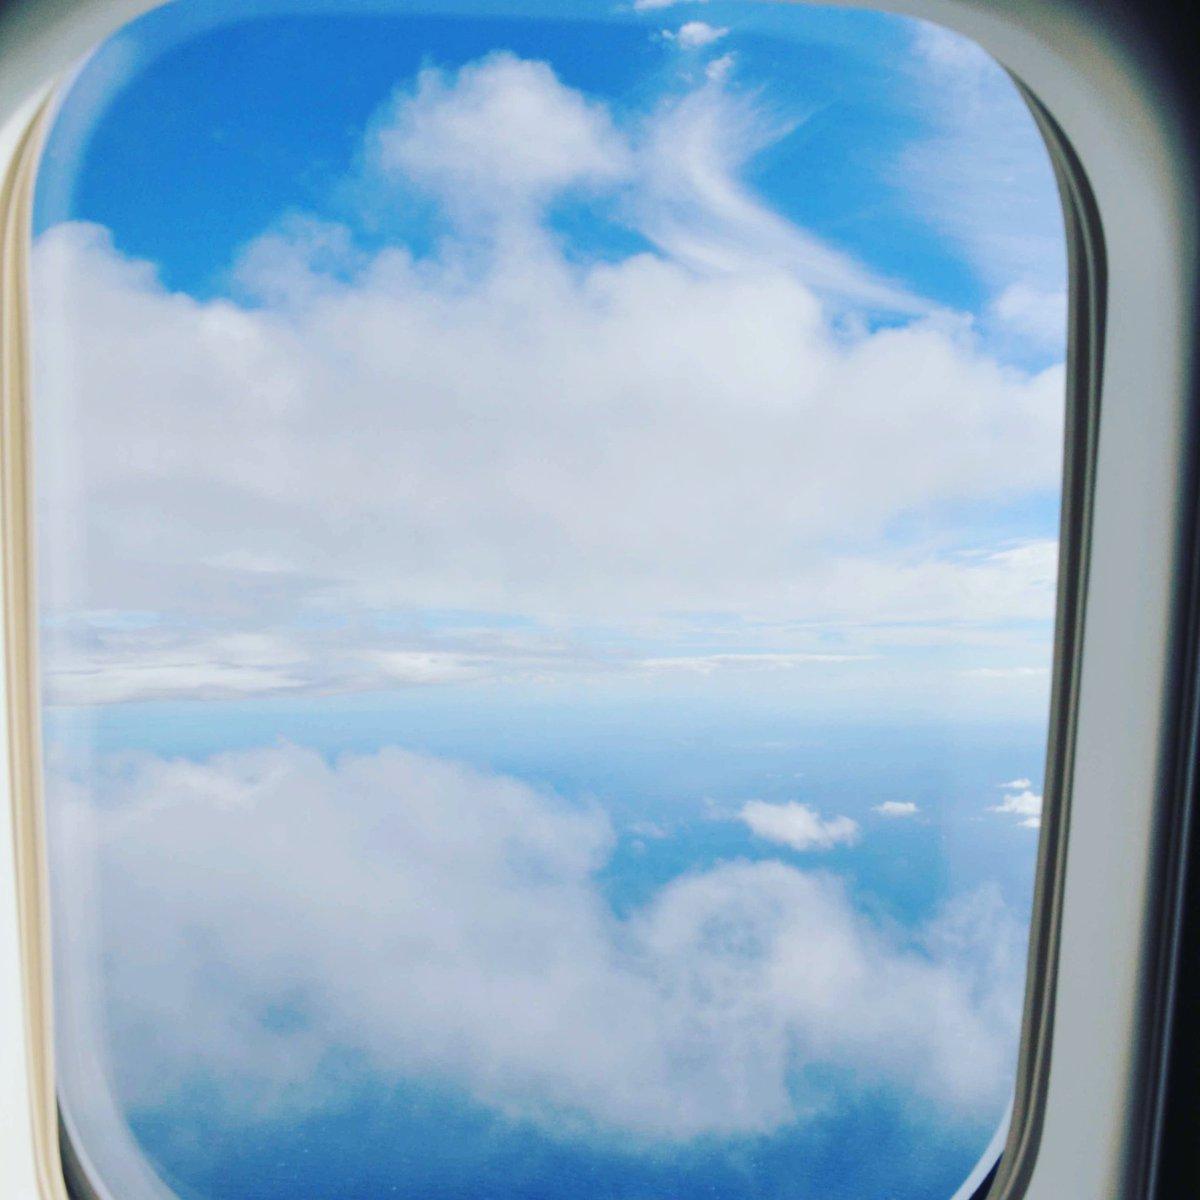 Kennt ihr das Gefühl es geht endlich wieder los...wie wird es diesmal werden.... TRAVEL - EXPLORE - ENJOY  #travelholic #trip #view #holiday #adventuretime #backpacking #urlaub #fernweh #reiseblog #reiselust #reisenmachtglücklich #urlaubsreif #reiseliebe #reisenistschönpic.twitter.com/VIMfwbawO8